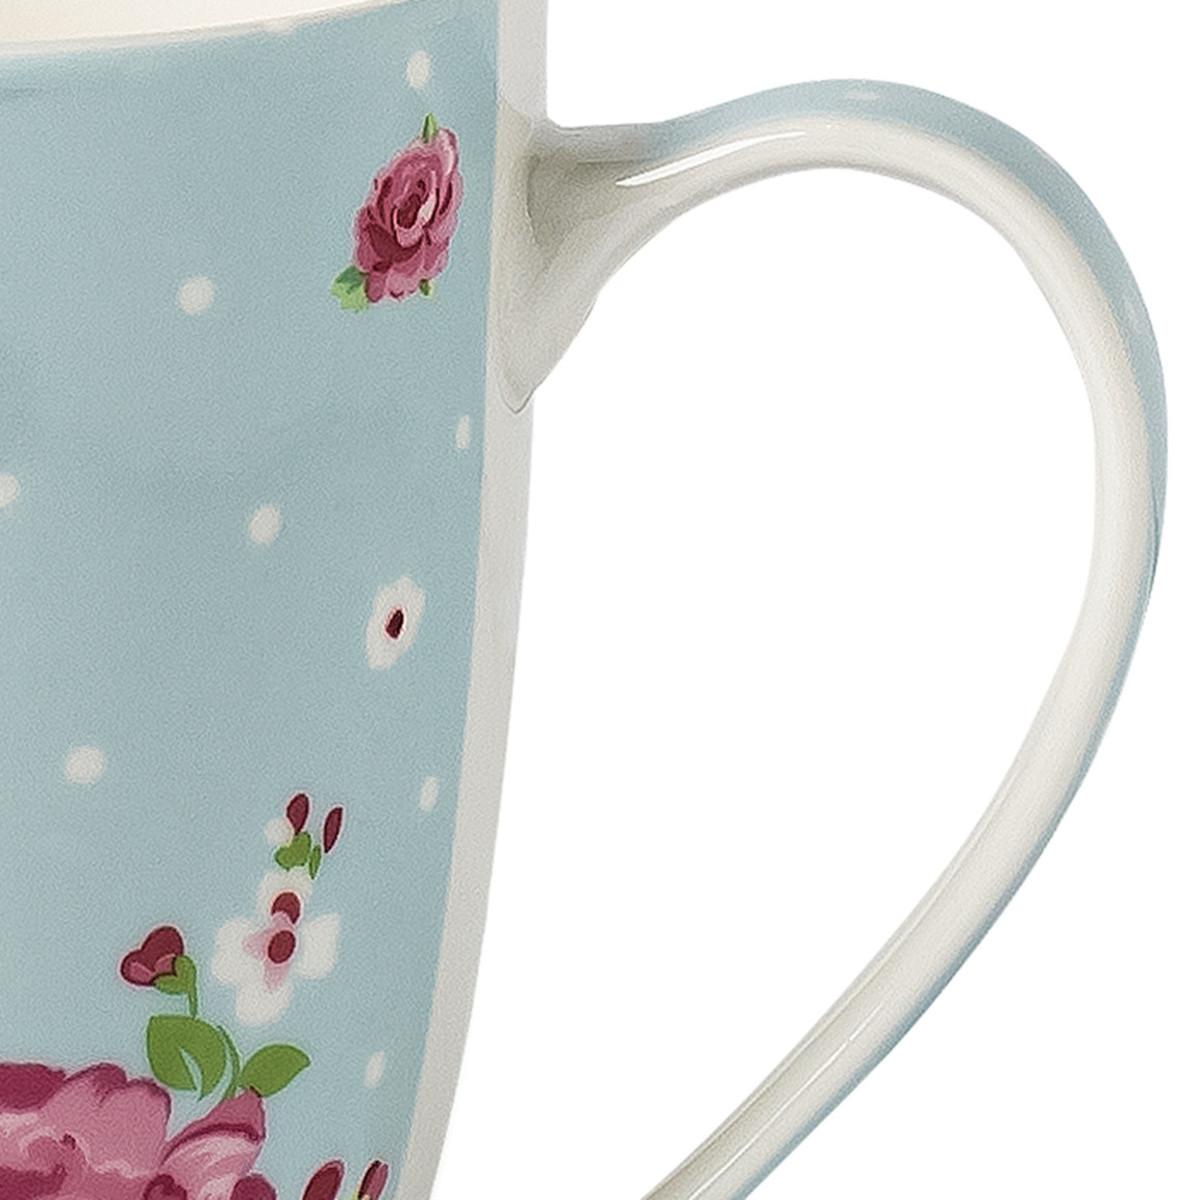 Bild 3 von Tasse mit Rosendekor